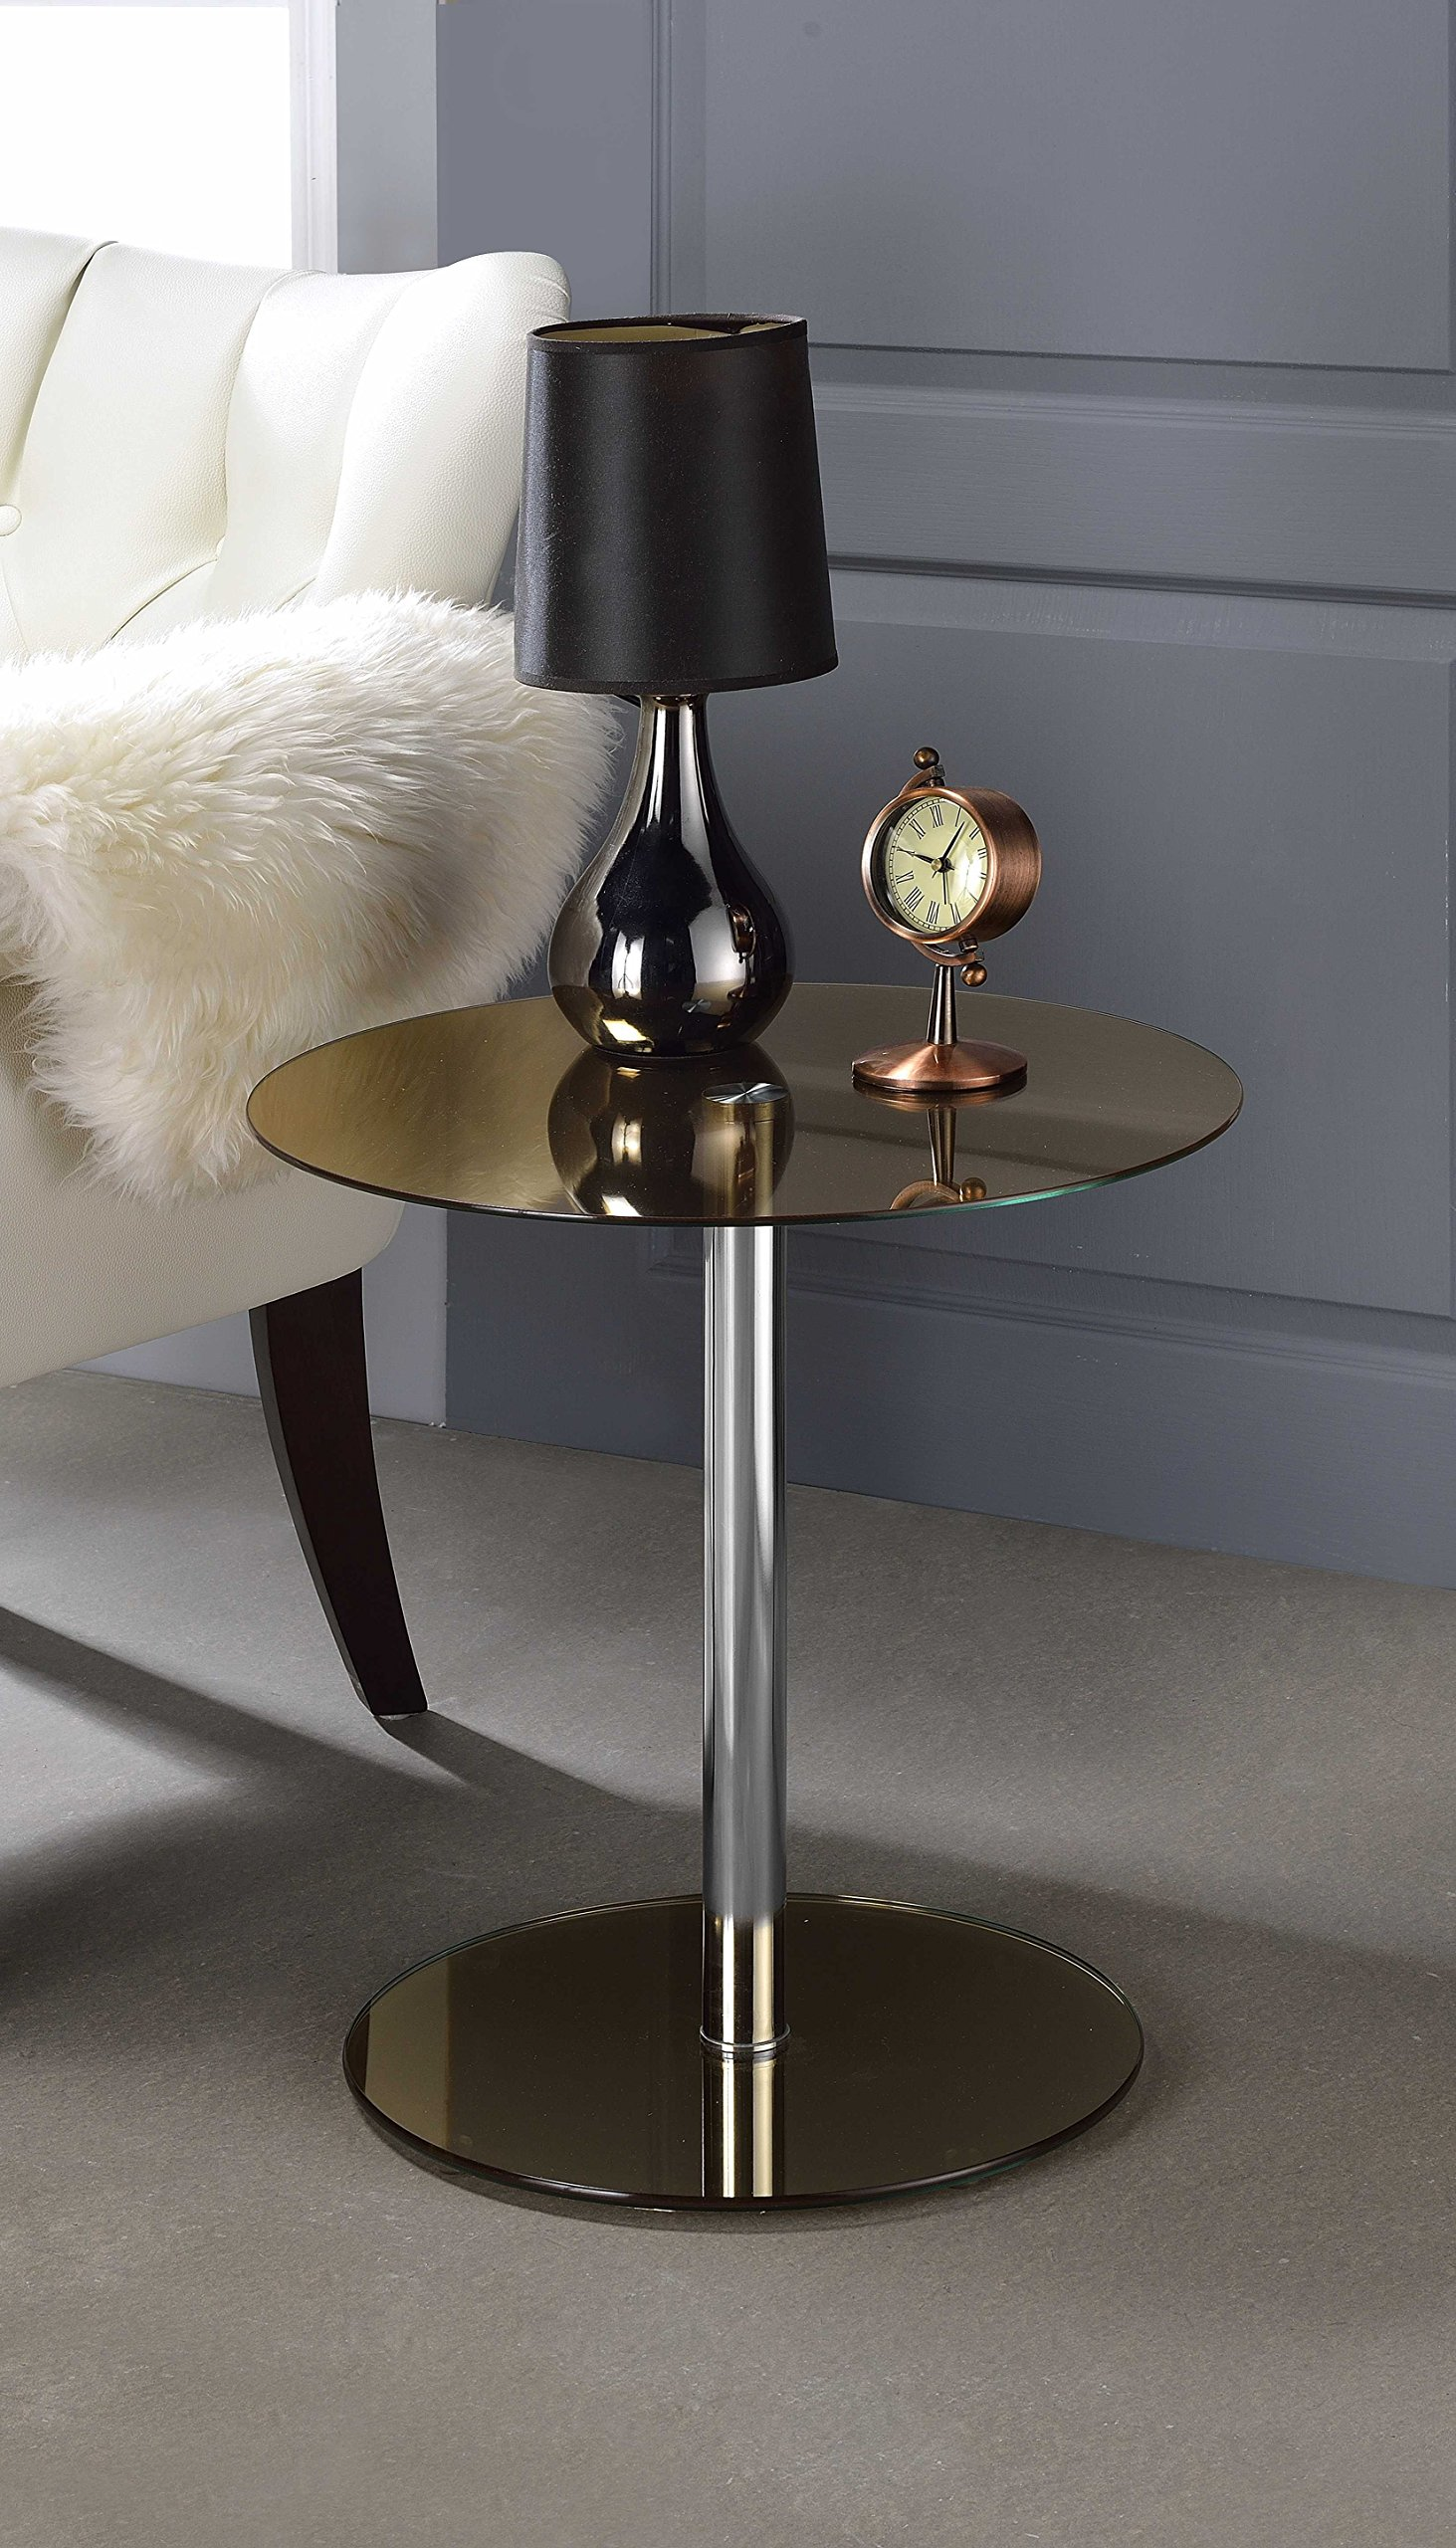 HomeRoots Furniture 286278-OT Homeroots Tables, Multicolor